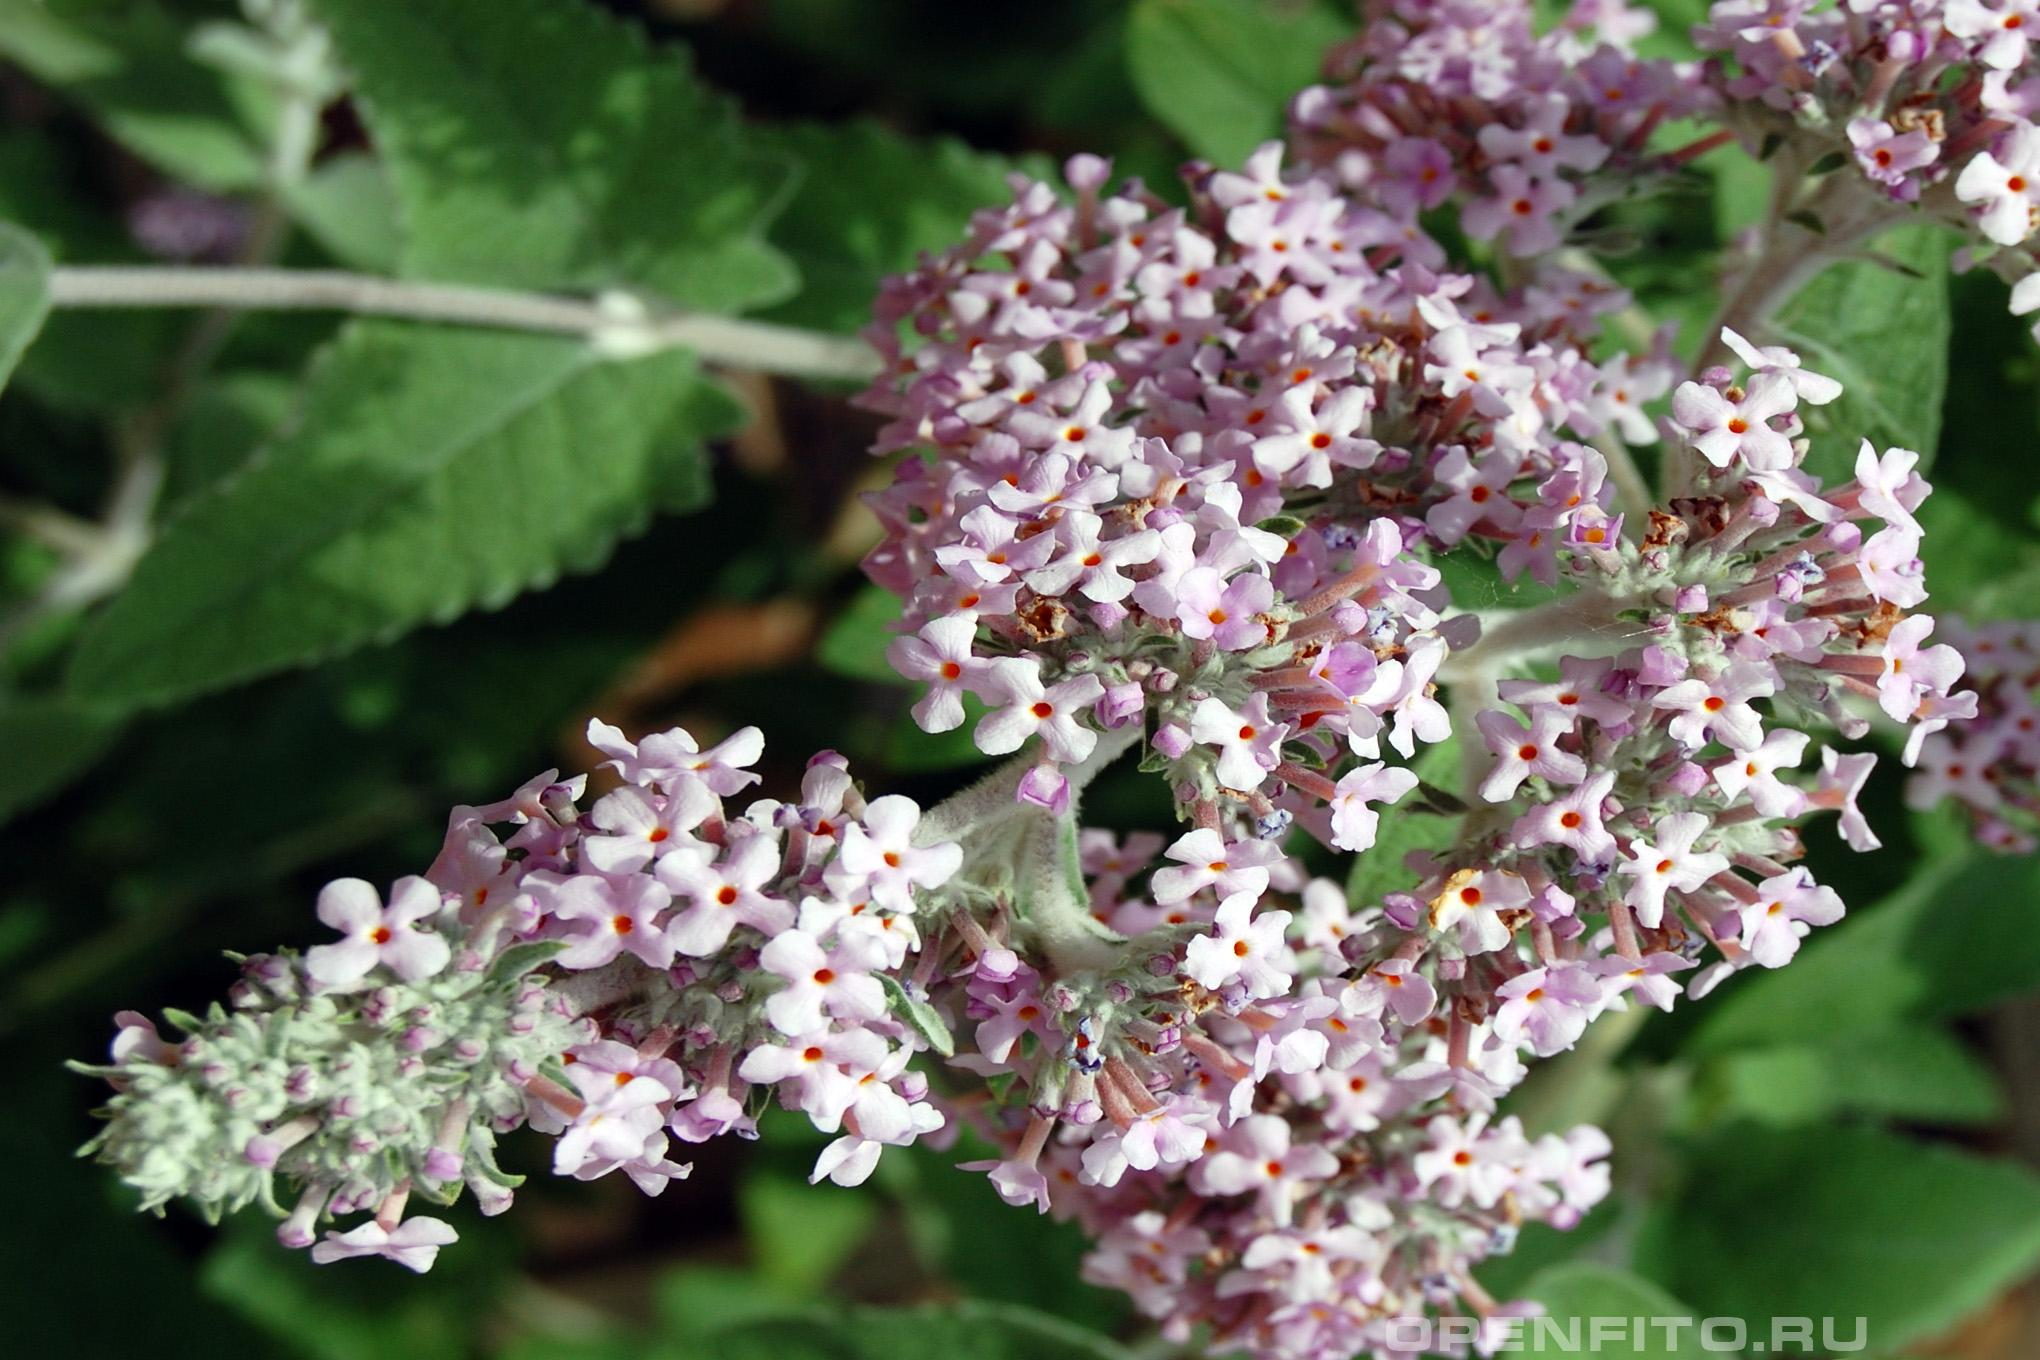 Буддлея курчавая иногда его называют бабочковый куст